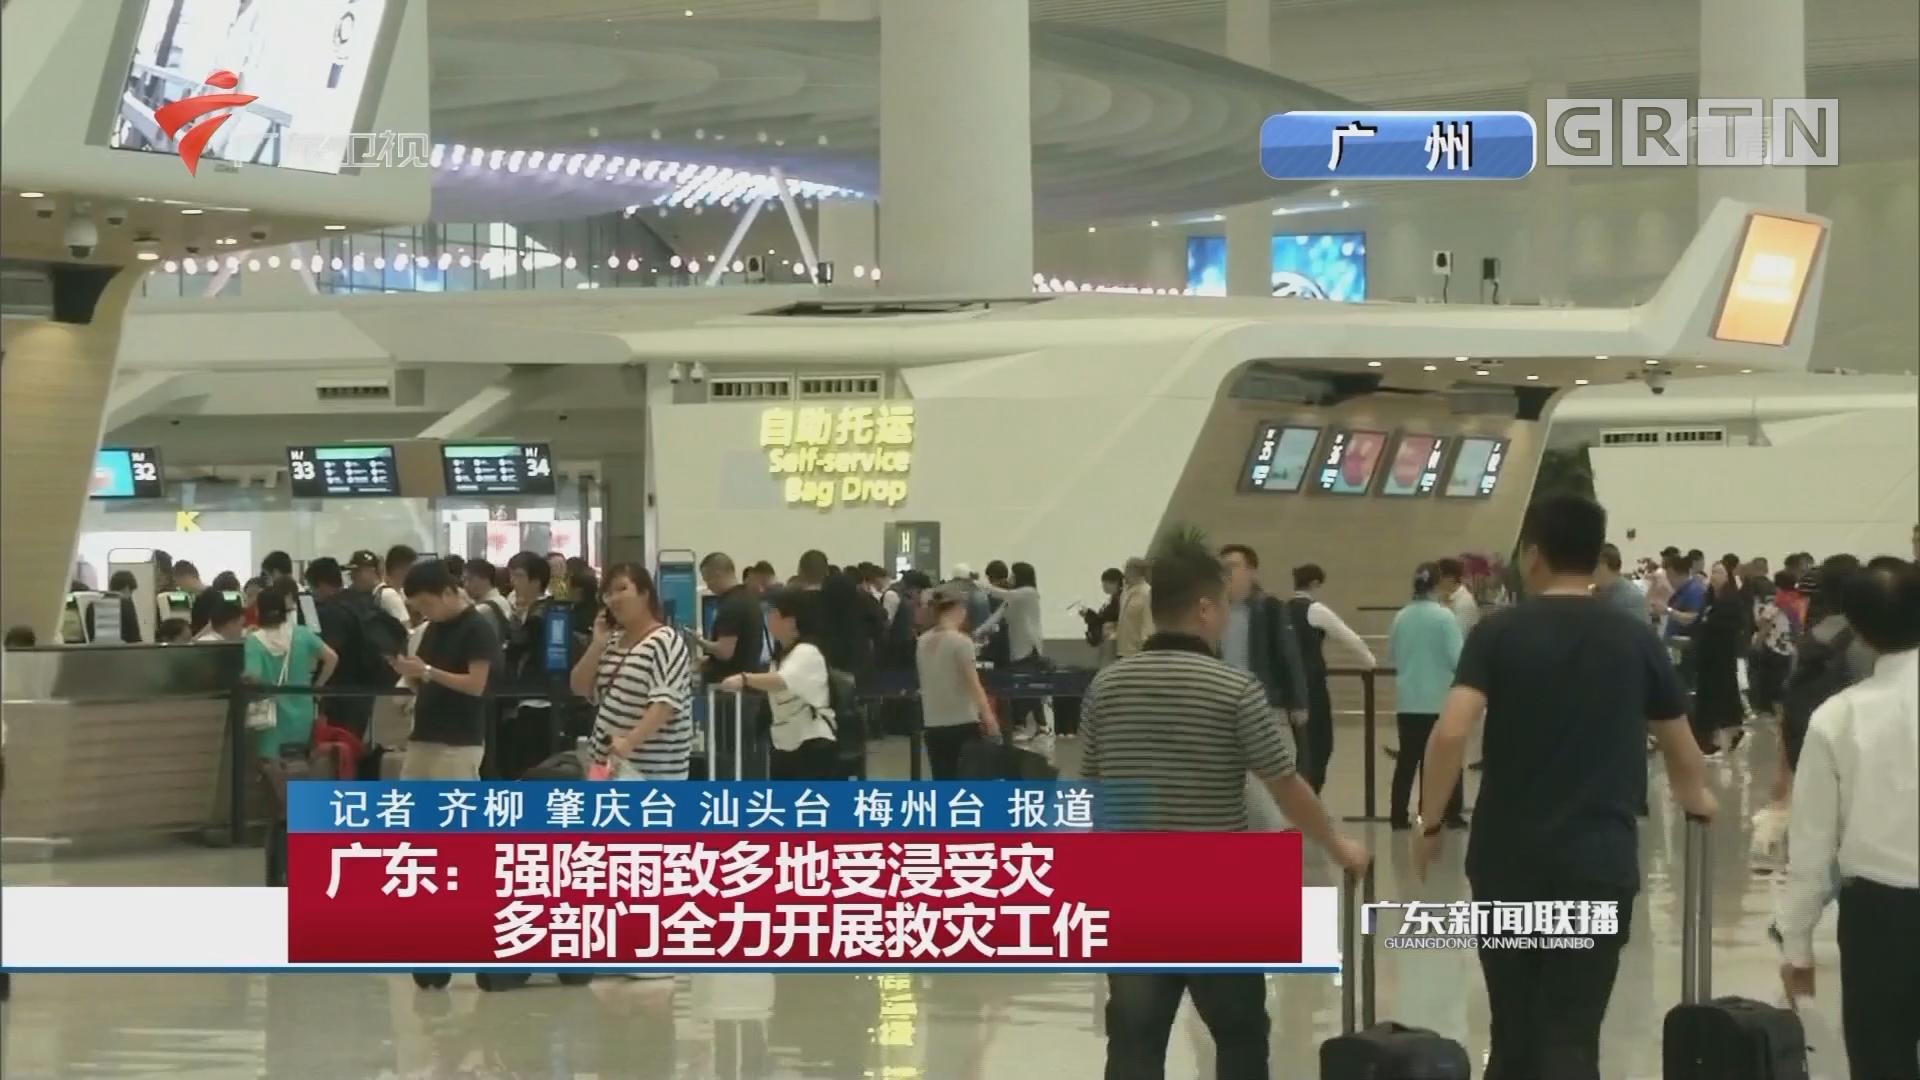 广东:强降雨致多地受浸受灾 多部门全力开展救灾工作